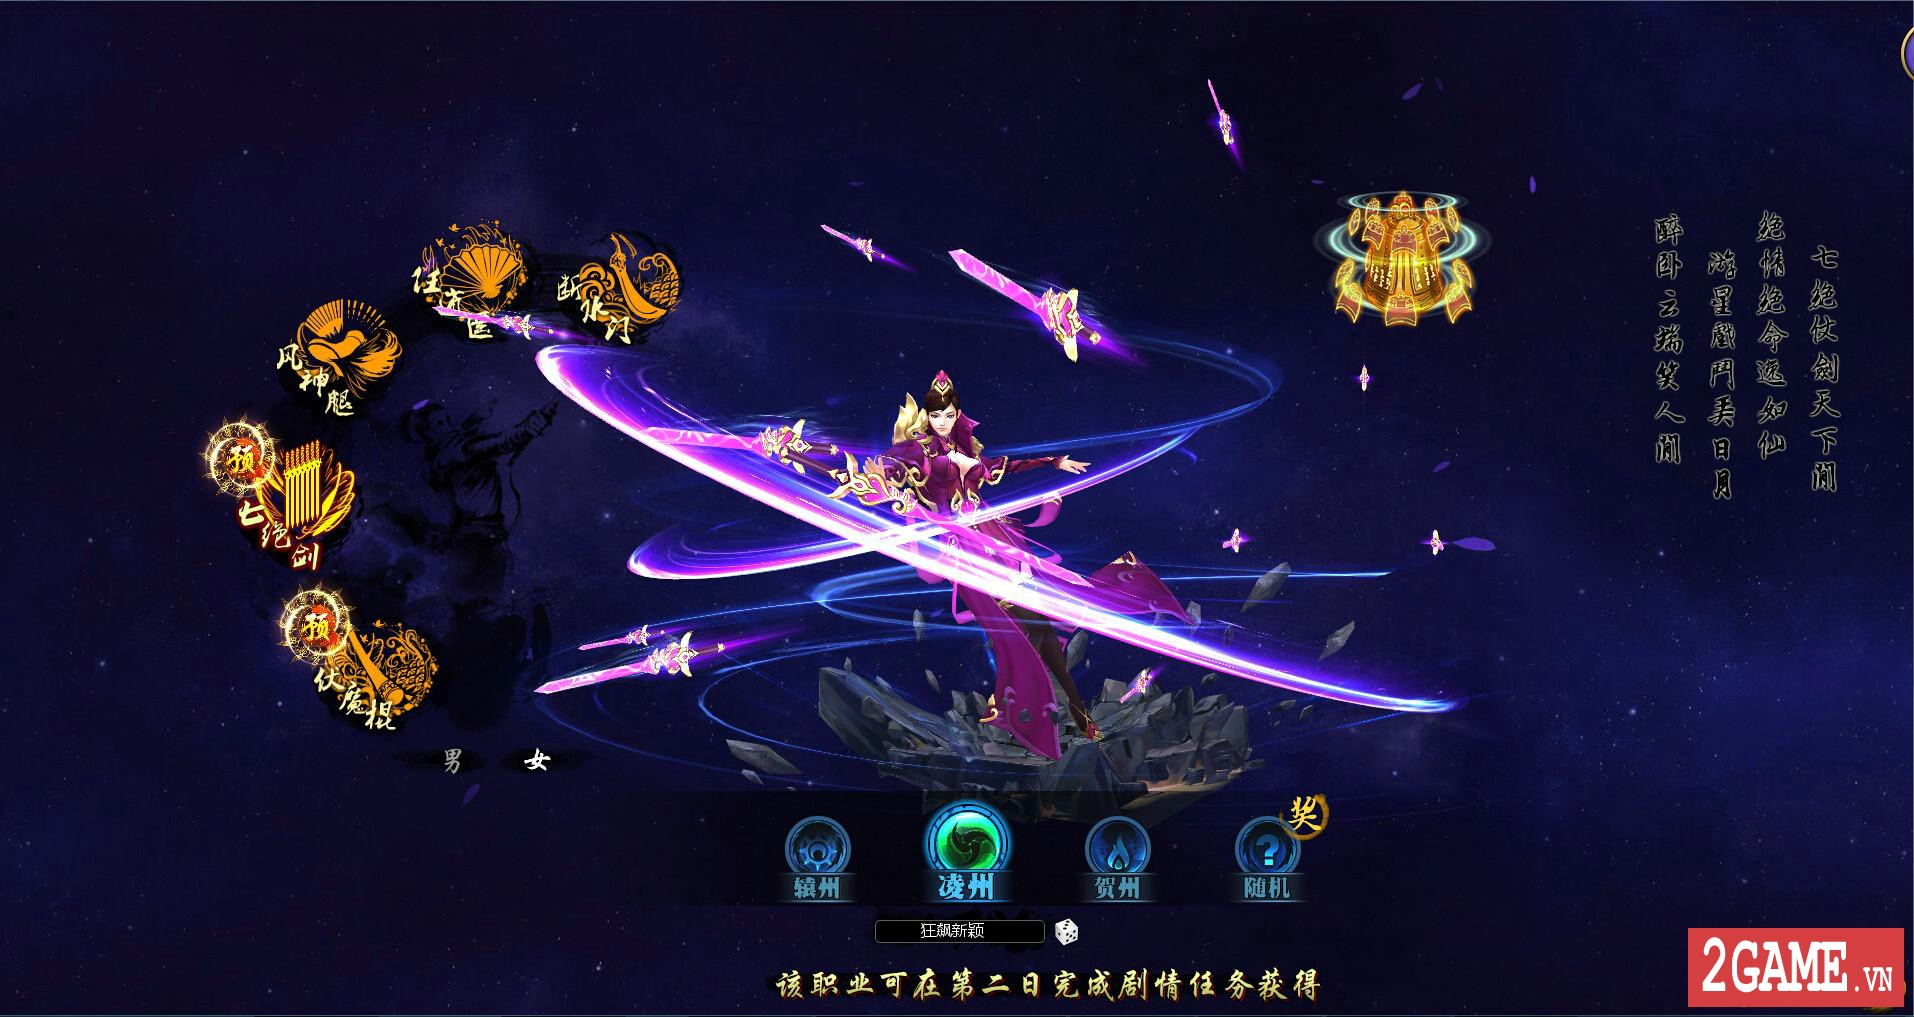 Tuyệt Thế Bí Tịch – Truy tìm bí tịch đệ nhất võ công với gameplay nhập vai truyền thống 0